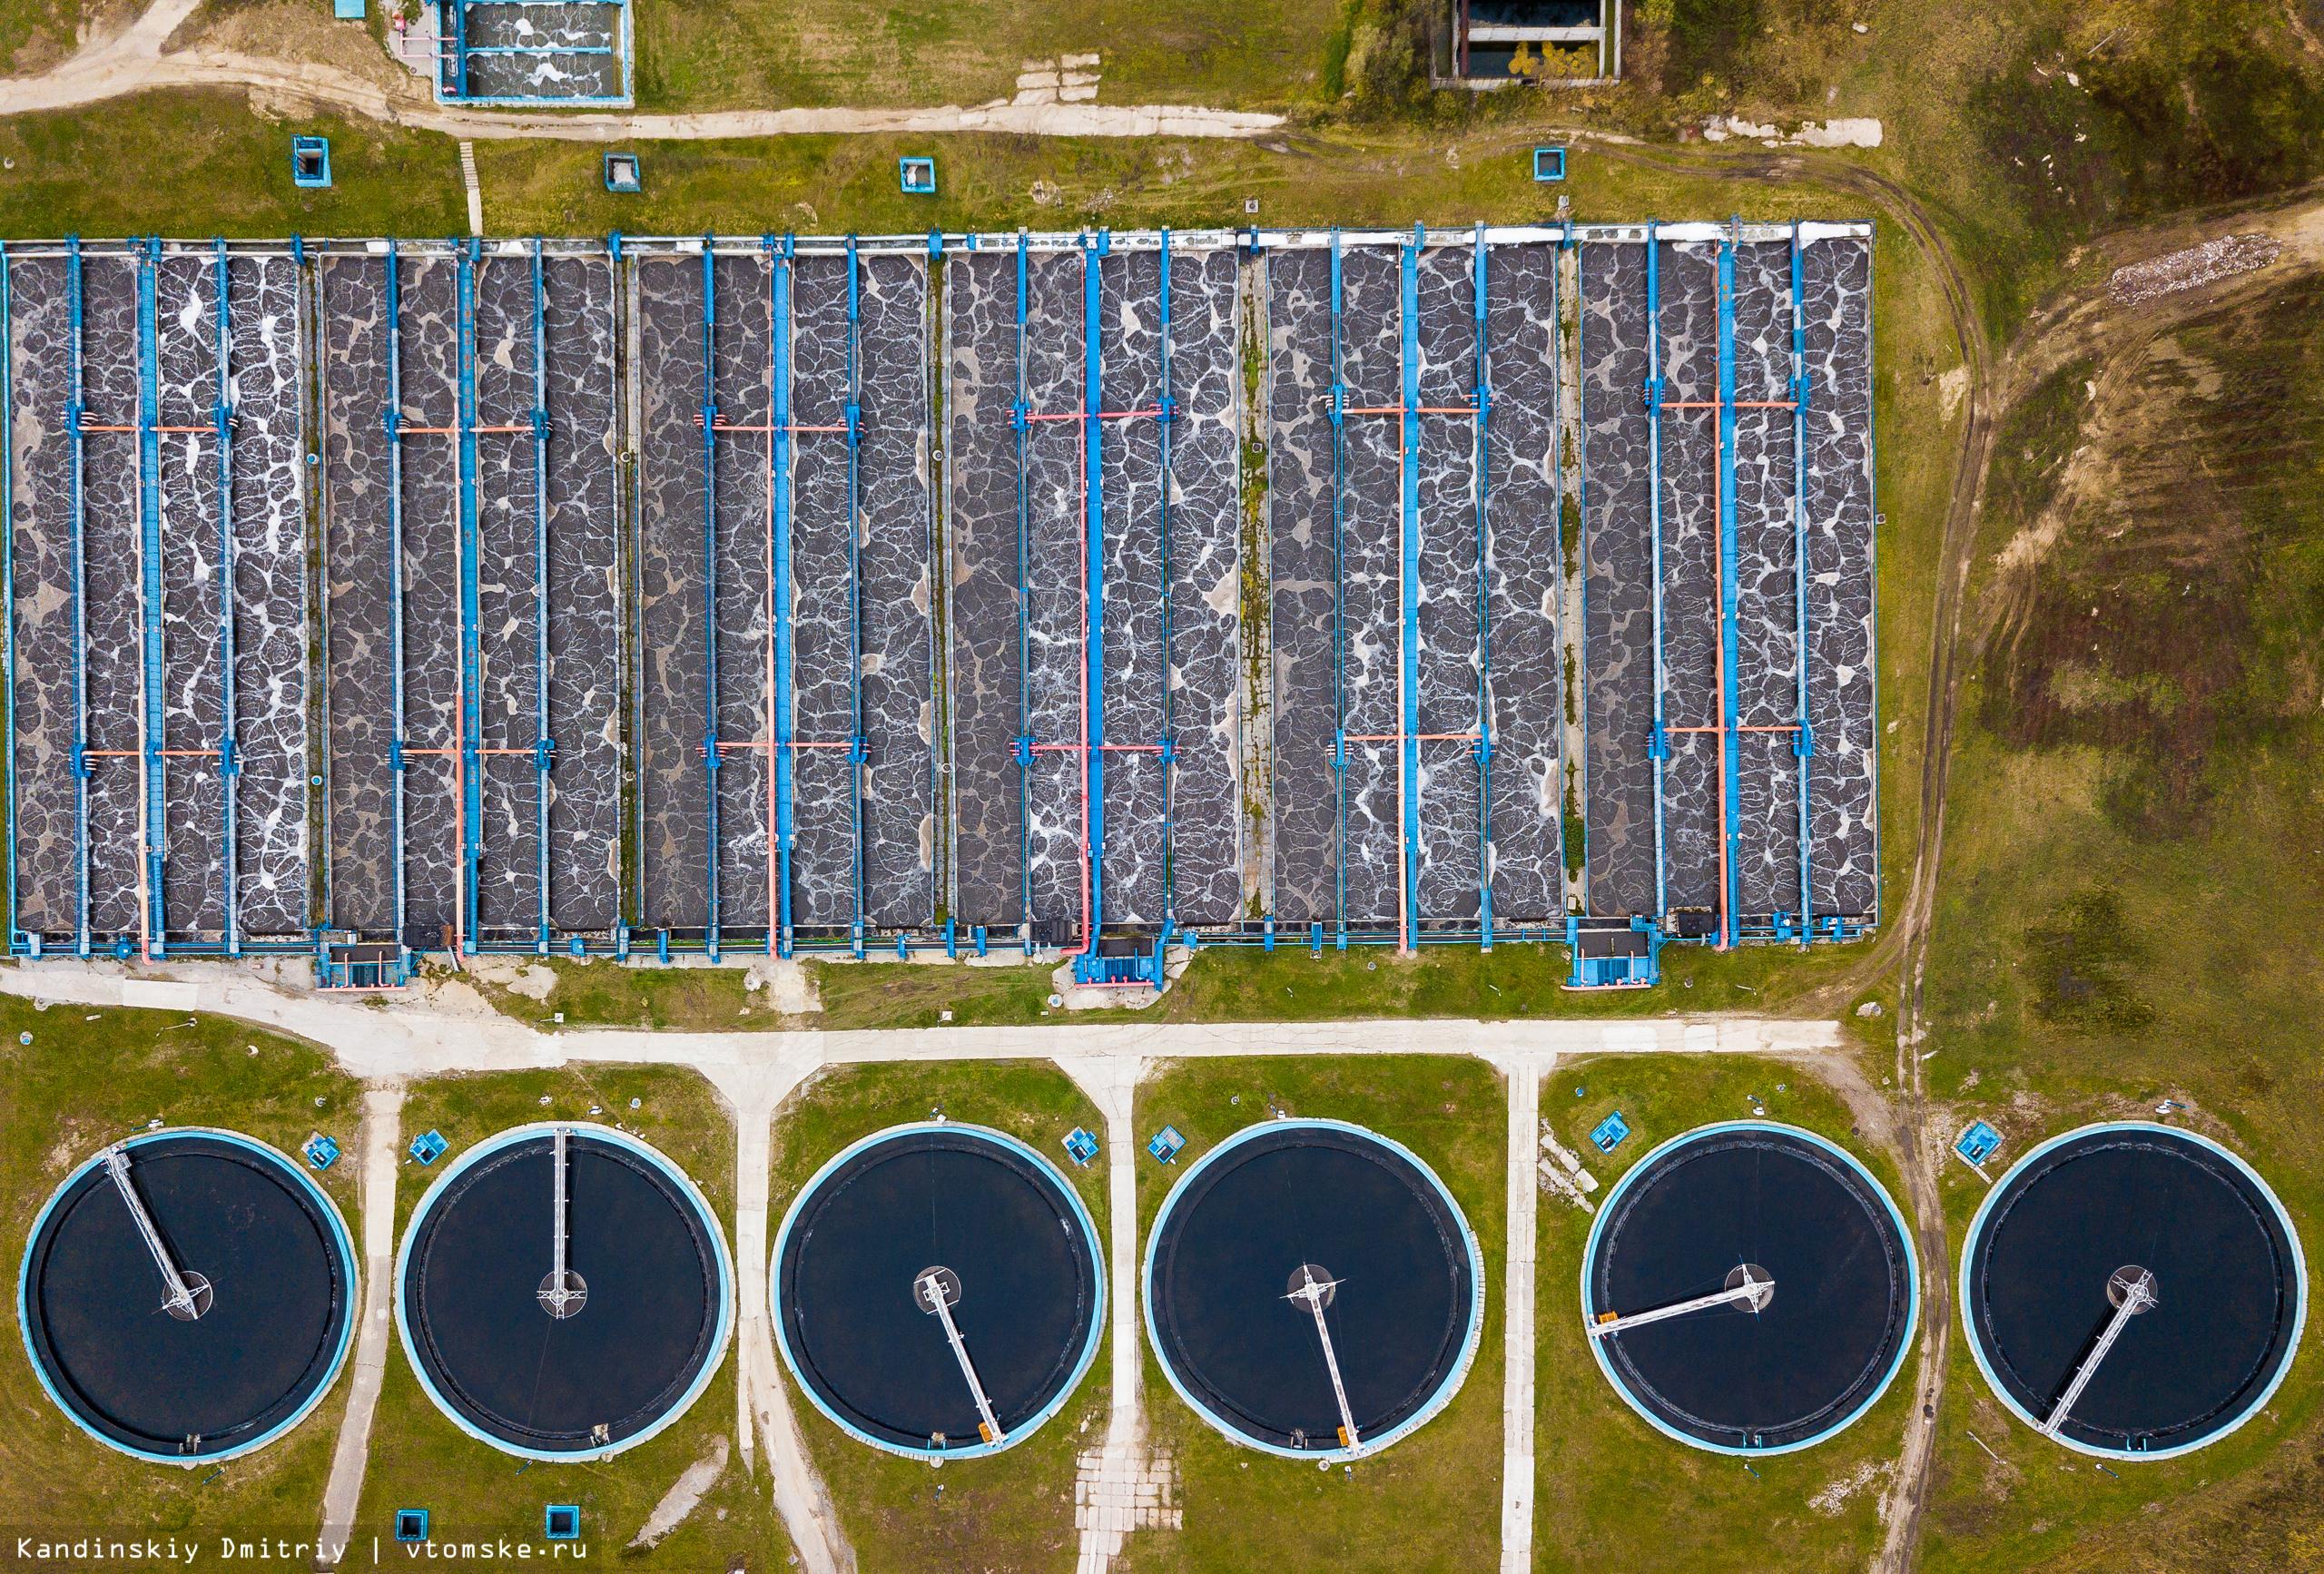 Строительство нового цеха на очистных сооружениях Томска откладывается